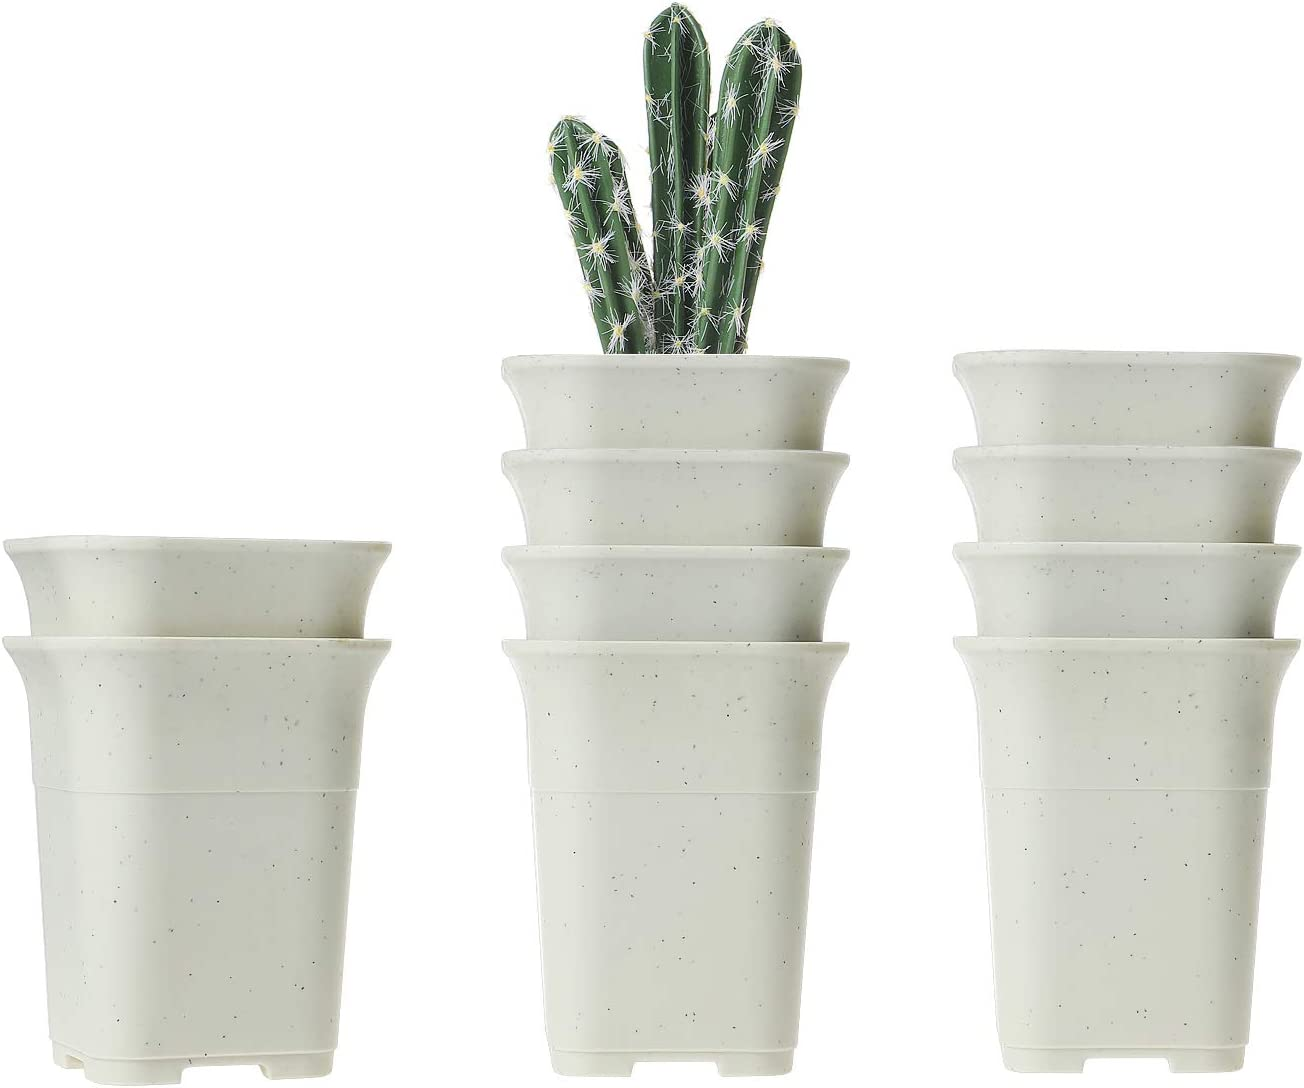 T4U 8CM Macetas Cactus de Vivero Plastico Paquete de 10, Maceteros Pequeños para Suculento Plantas Cuadrada Casa y Jardin Boda Decorativos Interior